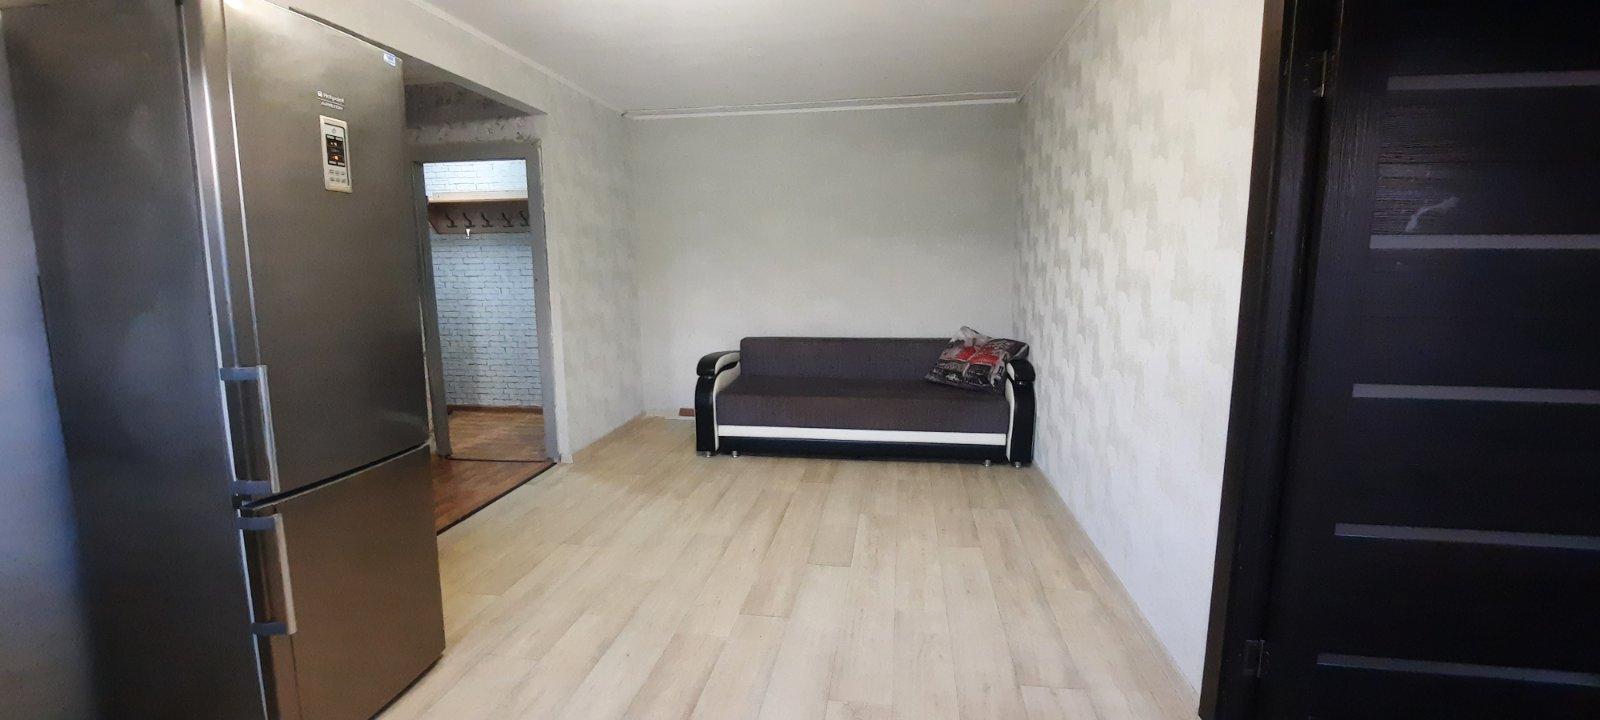 2к квартира улица Кутузова, 27   16000   аренда в Красноярске фото 5